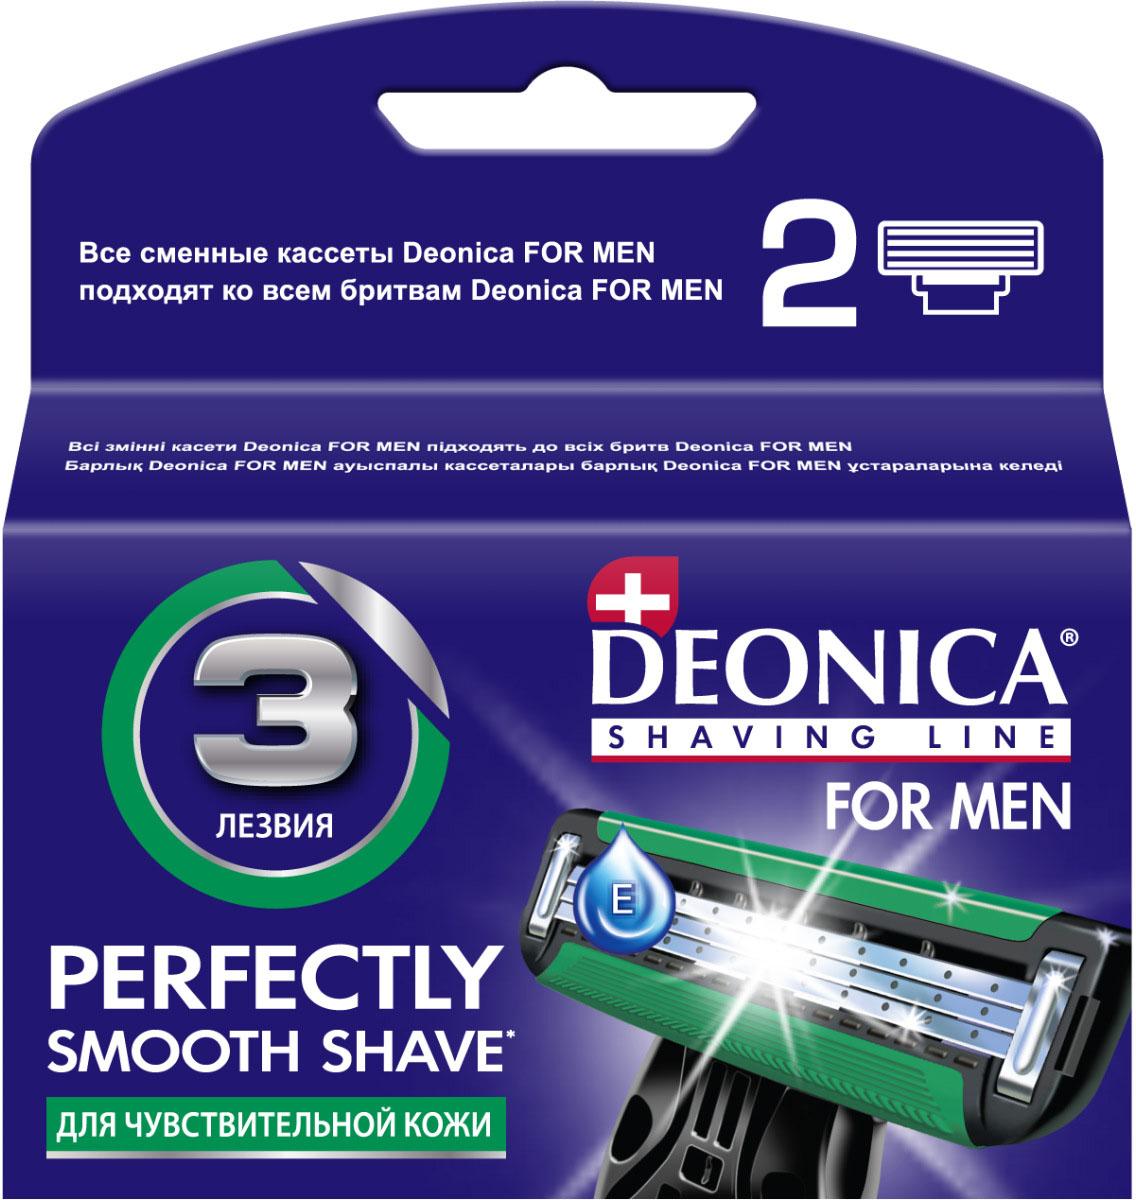 Сменные кассеты для бритья Deonica 3 тонких лезвия с керамическим покрытием США for MEN, 2 шт цена